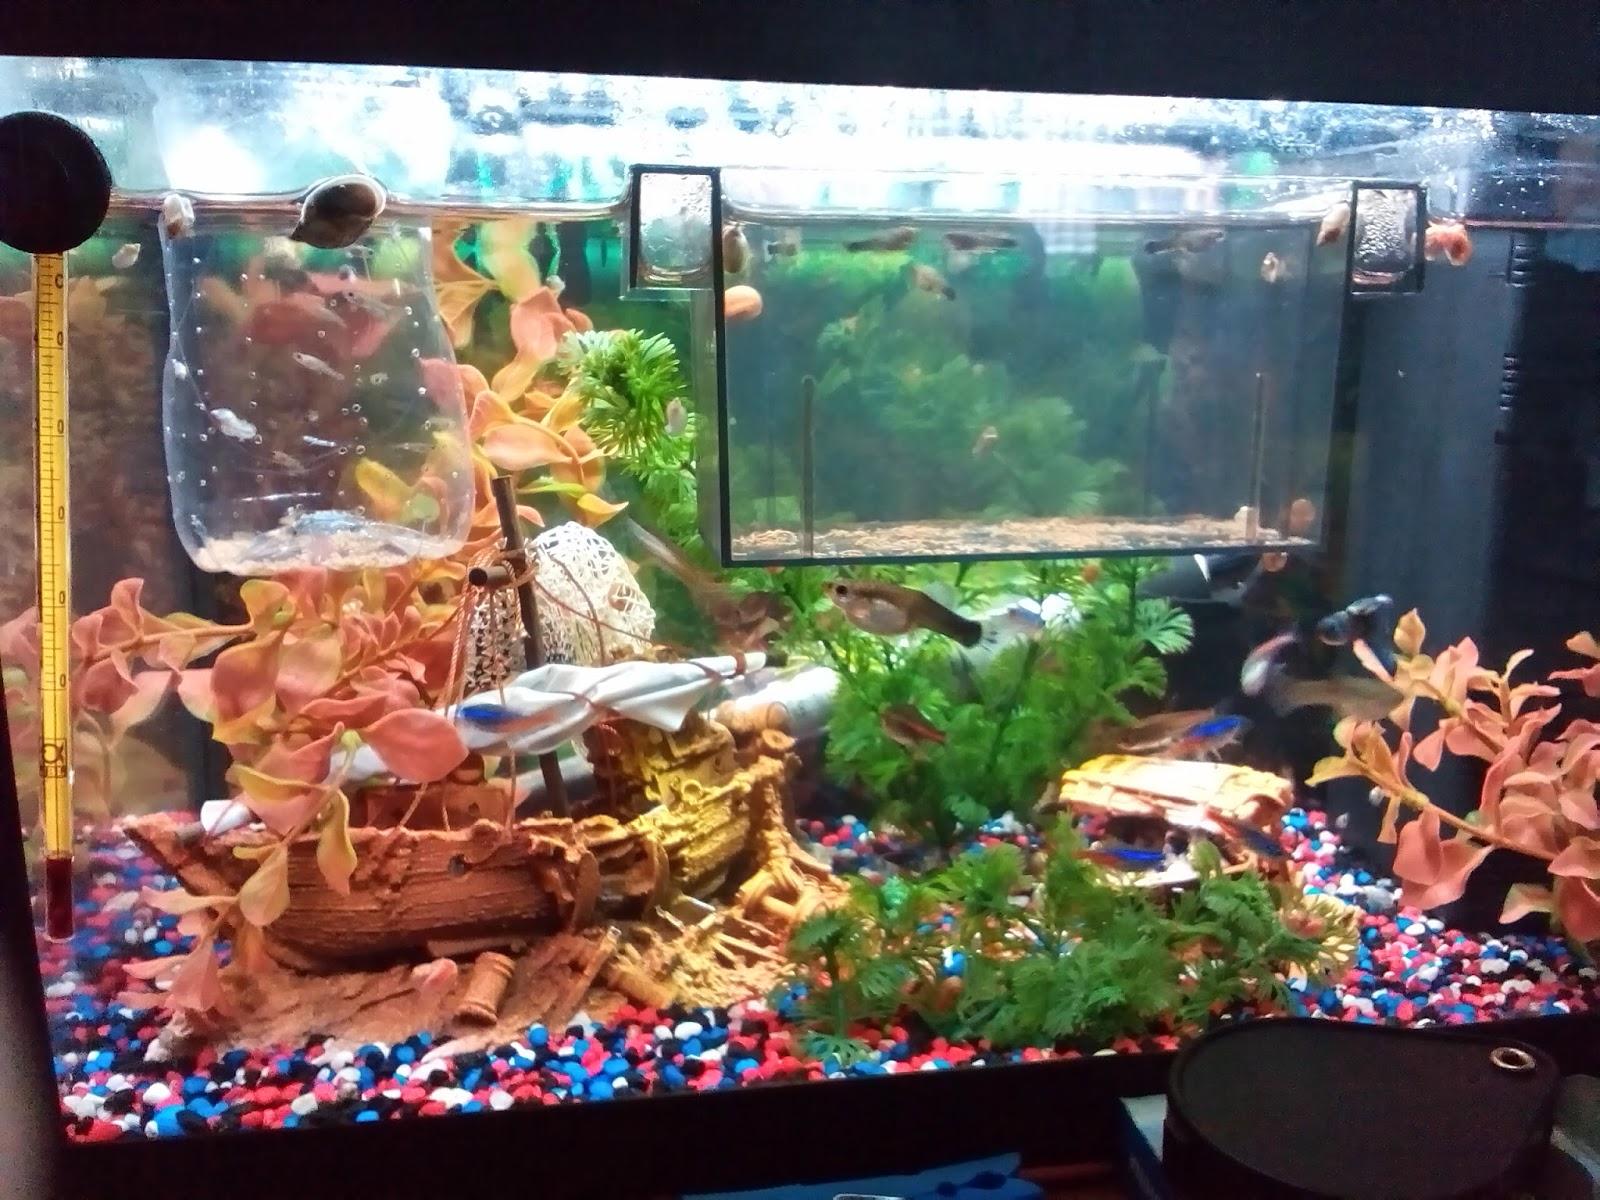 Problemas con guppys 2 pasi n por los acuarios for Peces artificiales para acuarios